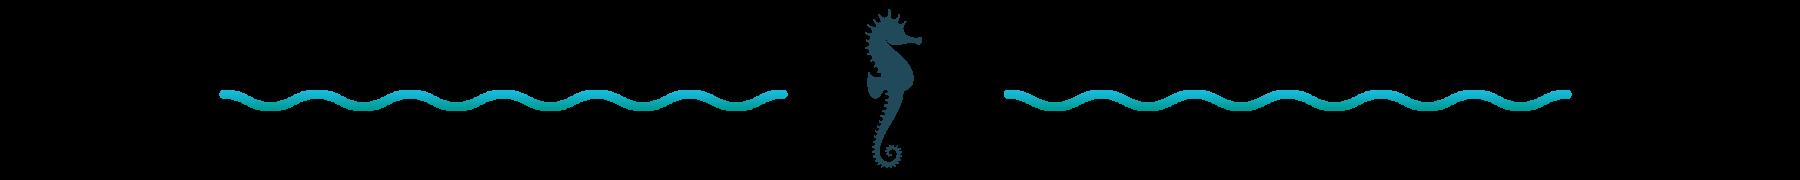 starkey logo divider